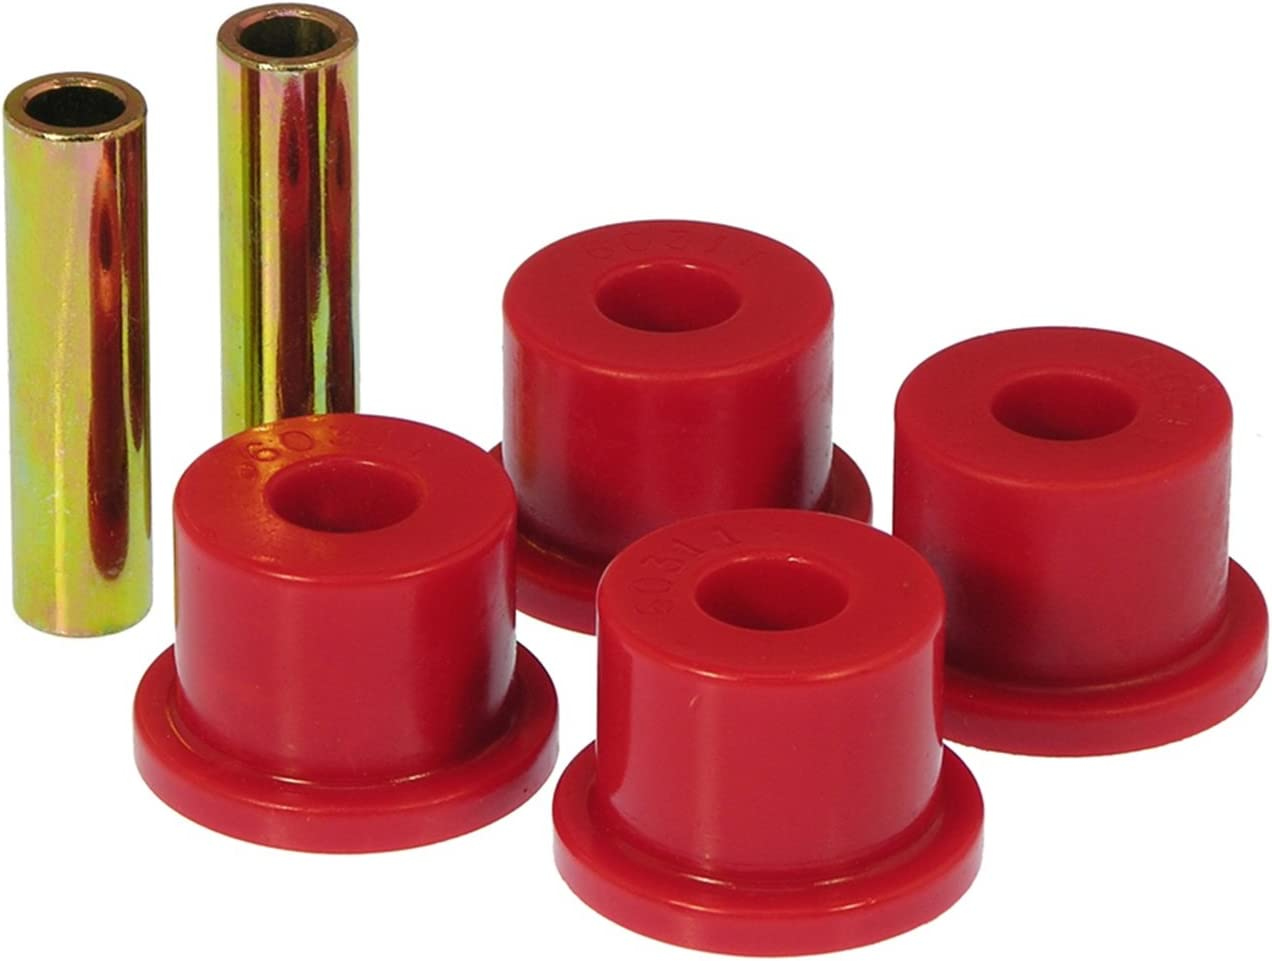 Rear Pivot Bushings Bolt Size 5//8 in Sleeve Length 3.0 in Prothane 19-611 Pivot Bushings Red Bushing OD 1.75 in